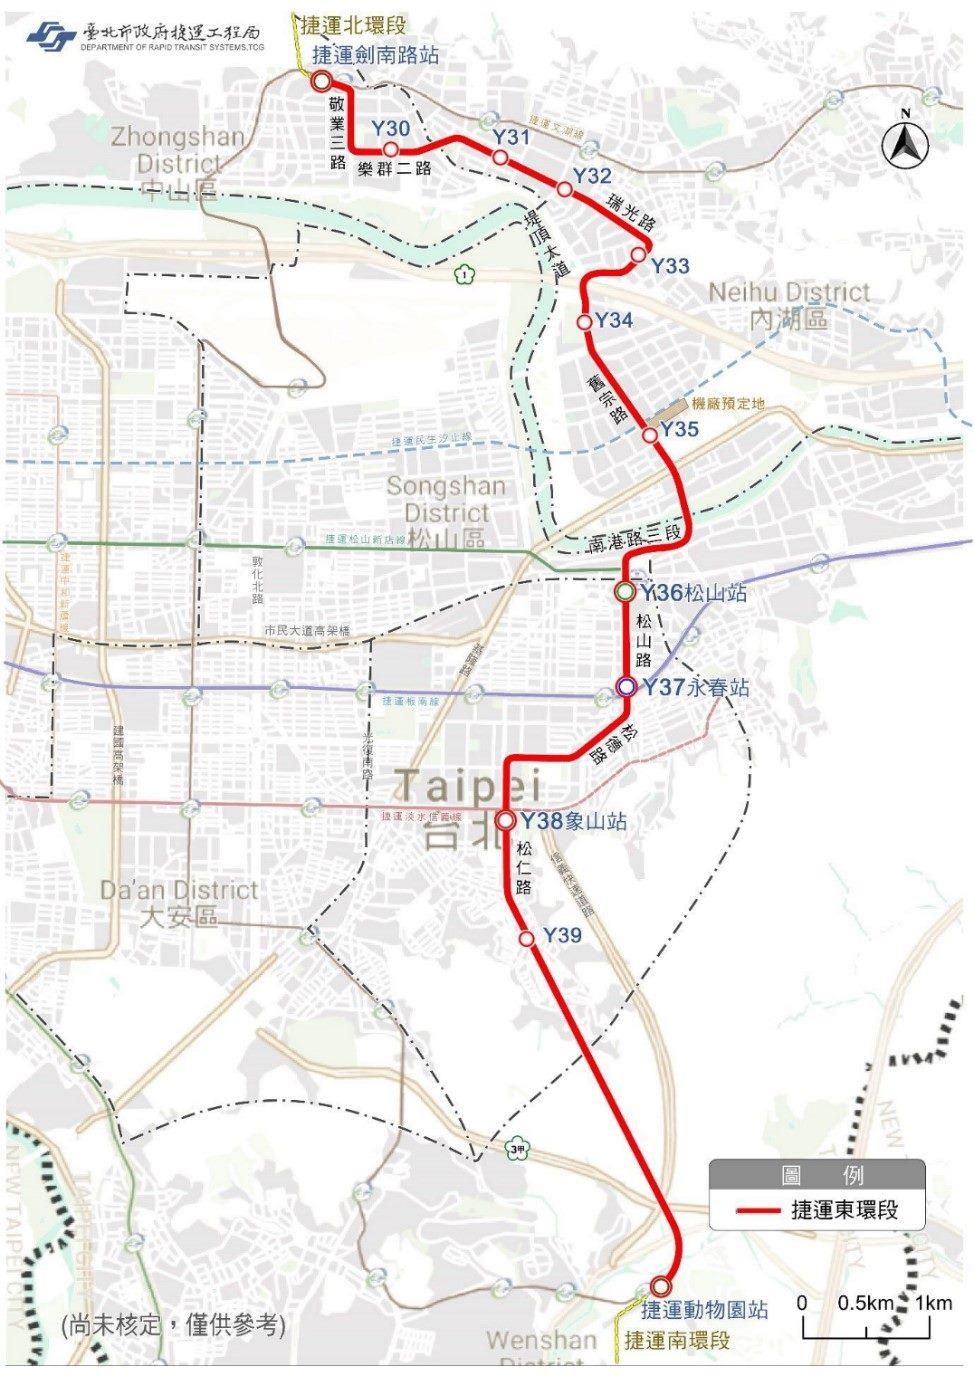 捷運環狀線東環段路線示意圖